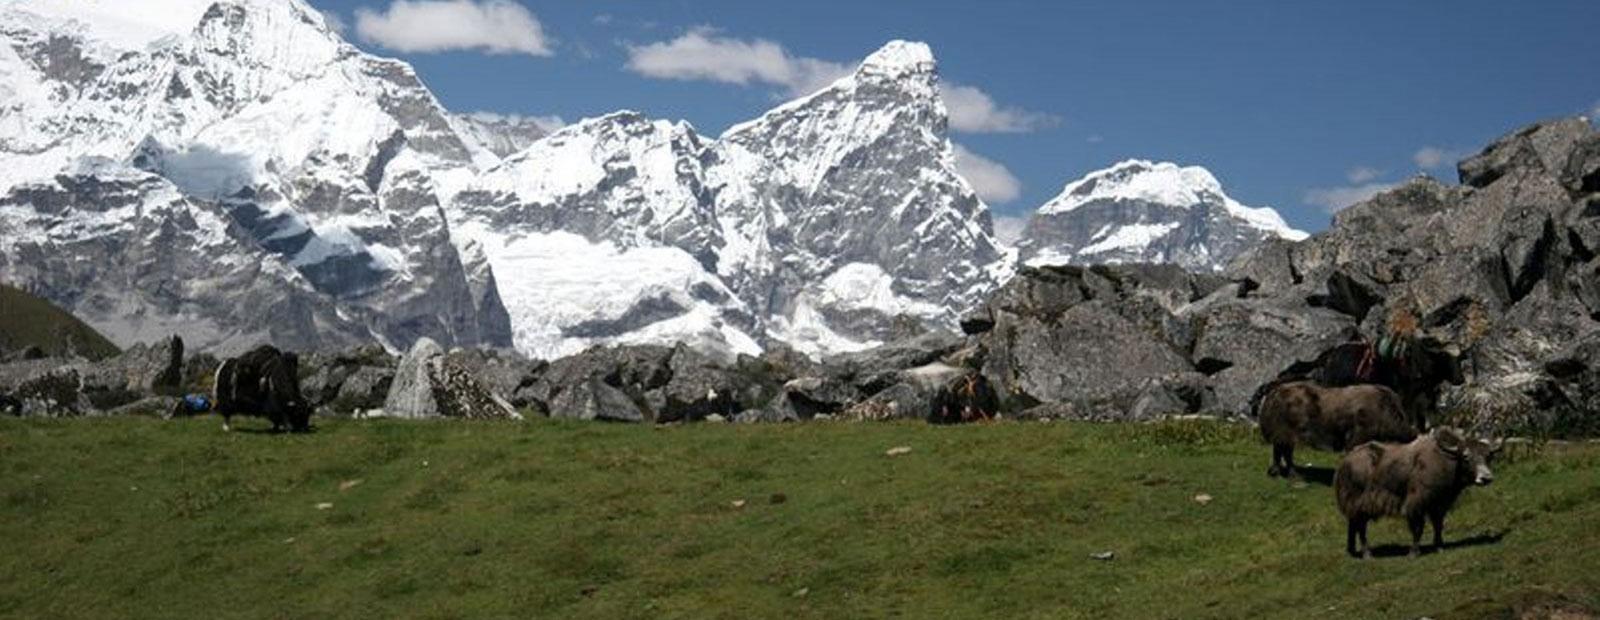 Druk Path Trek Bhutan